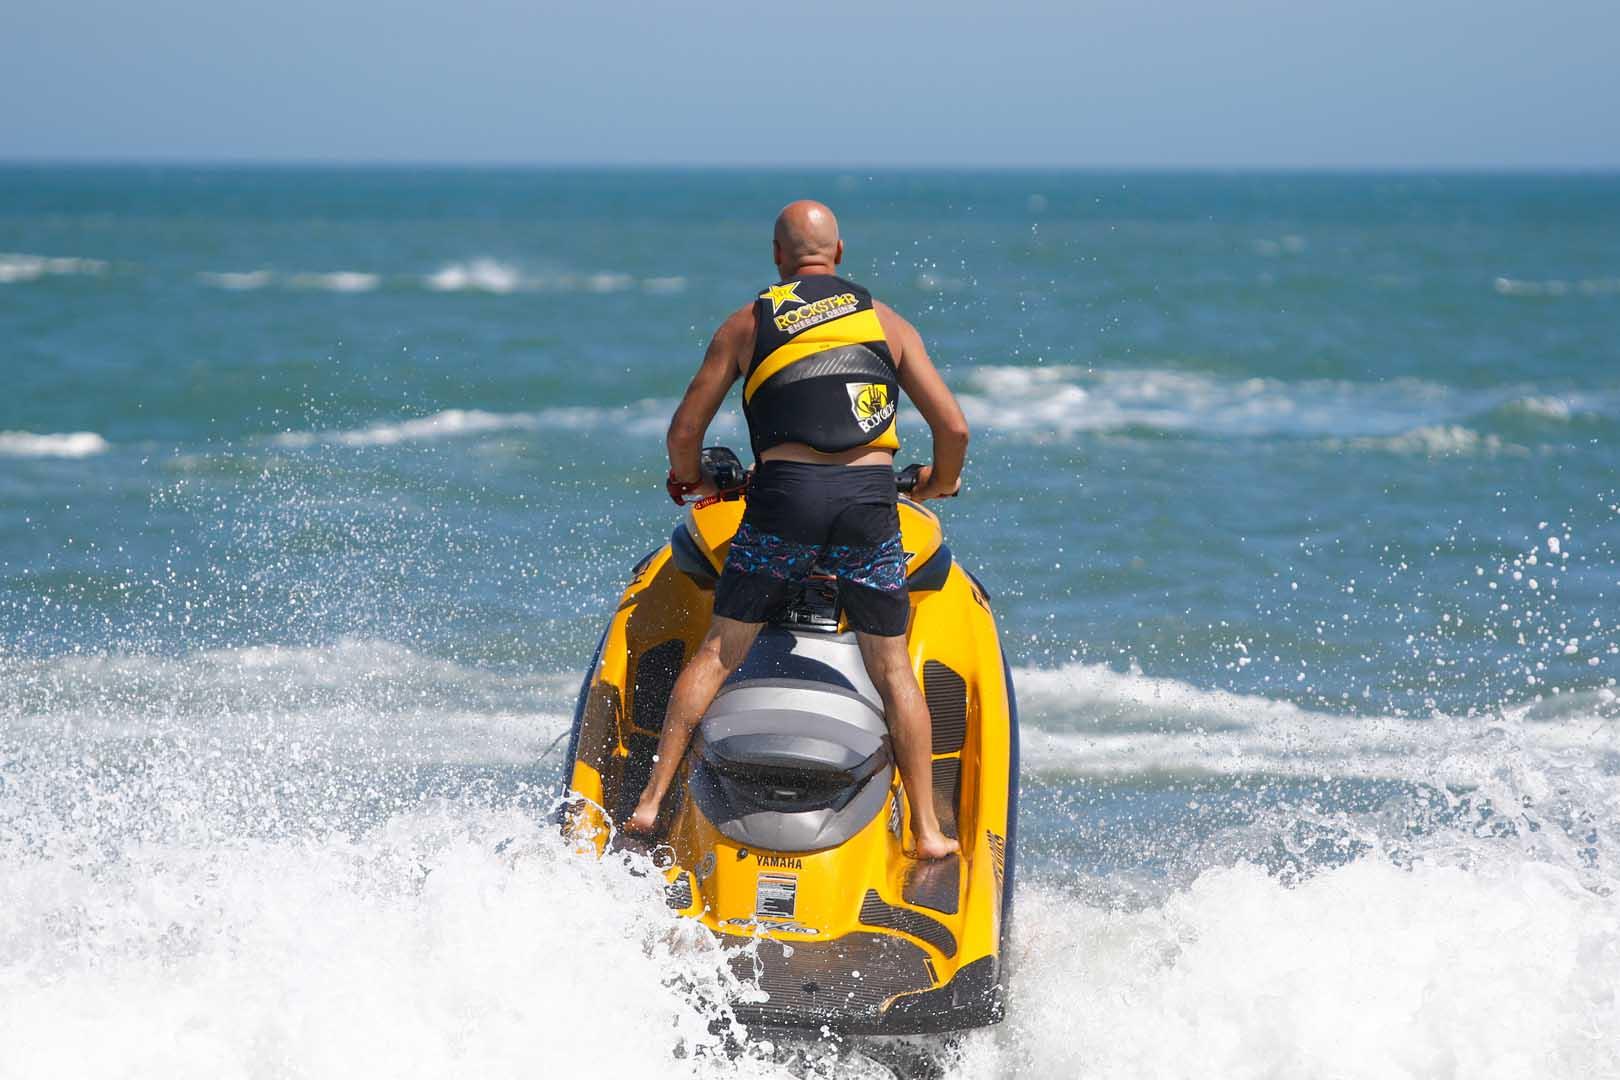 Muchos turistas aprovecharon el fin de semana para practicar diversos deportes acuáticos en las playas del Sur